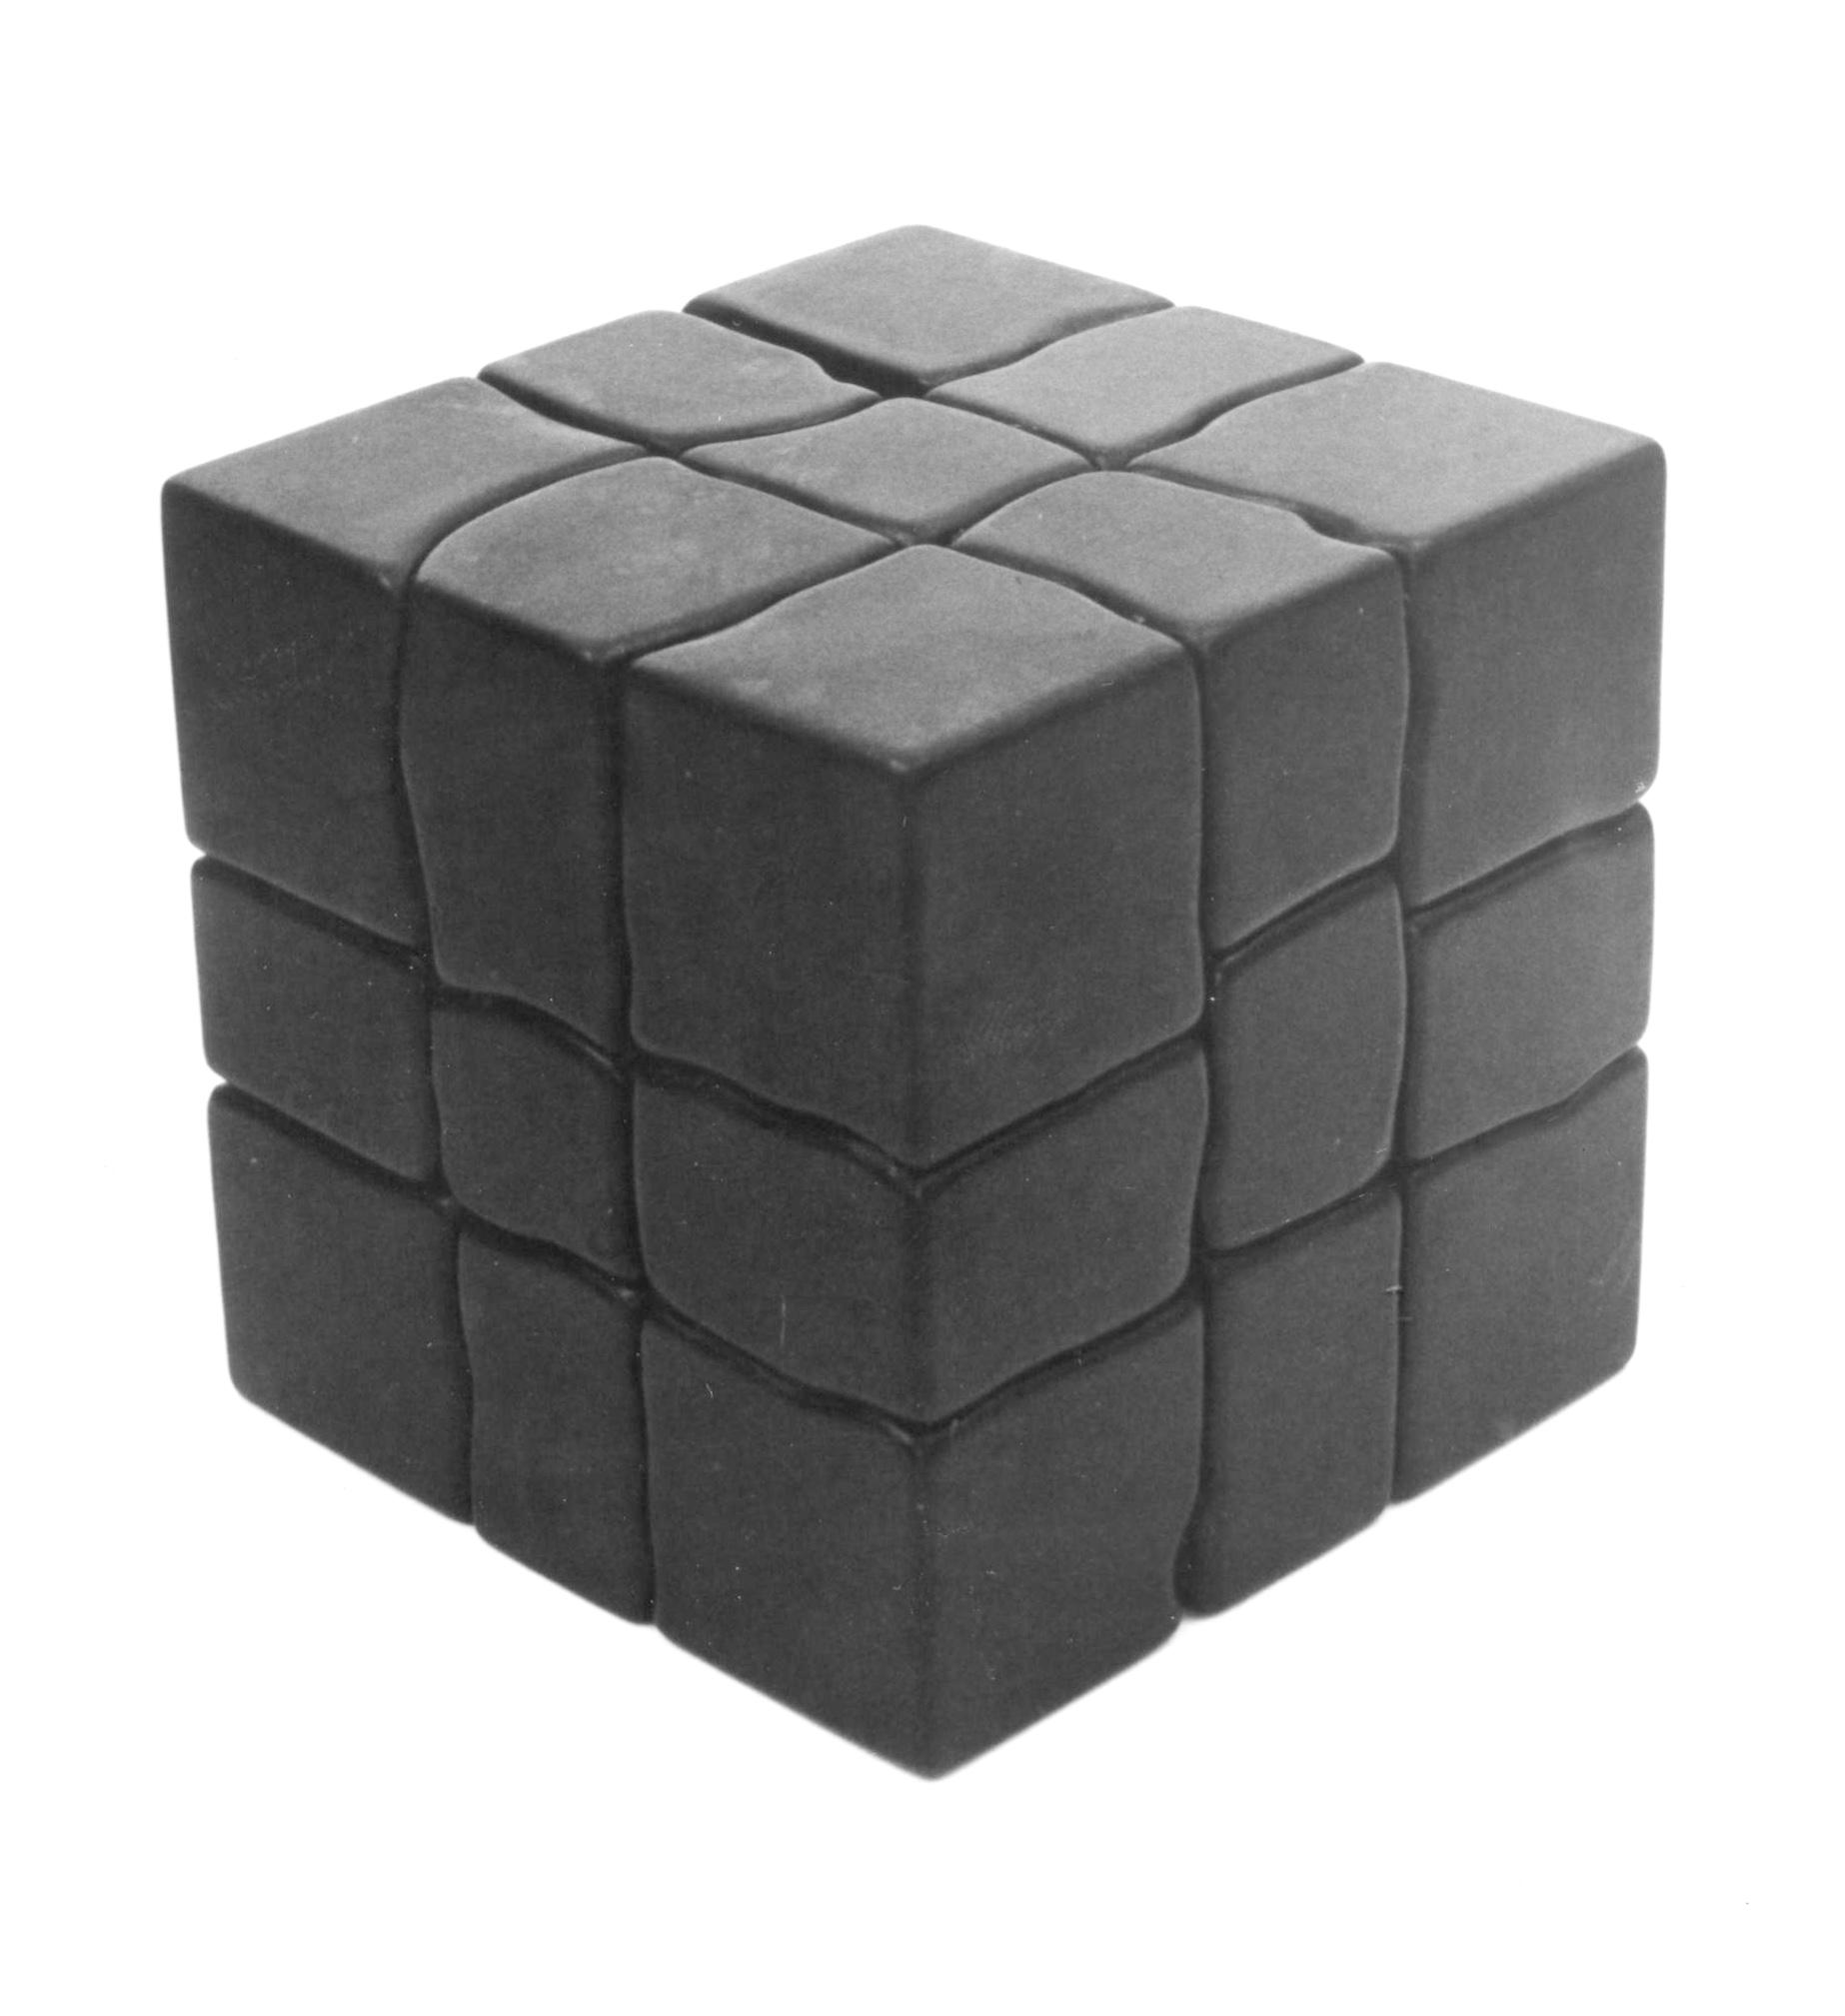 Grote kubus